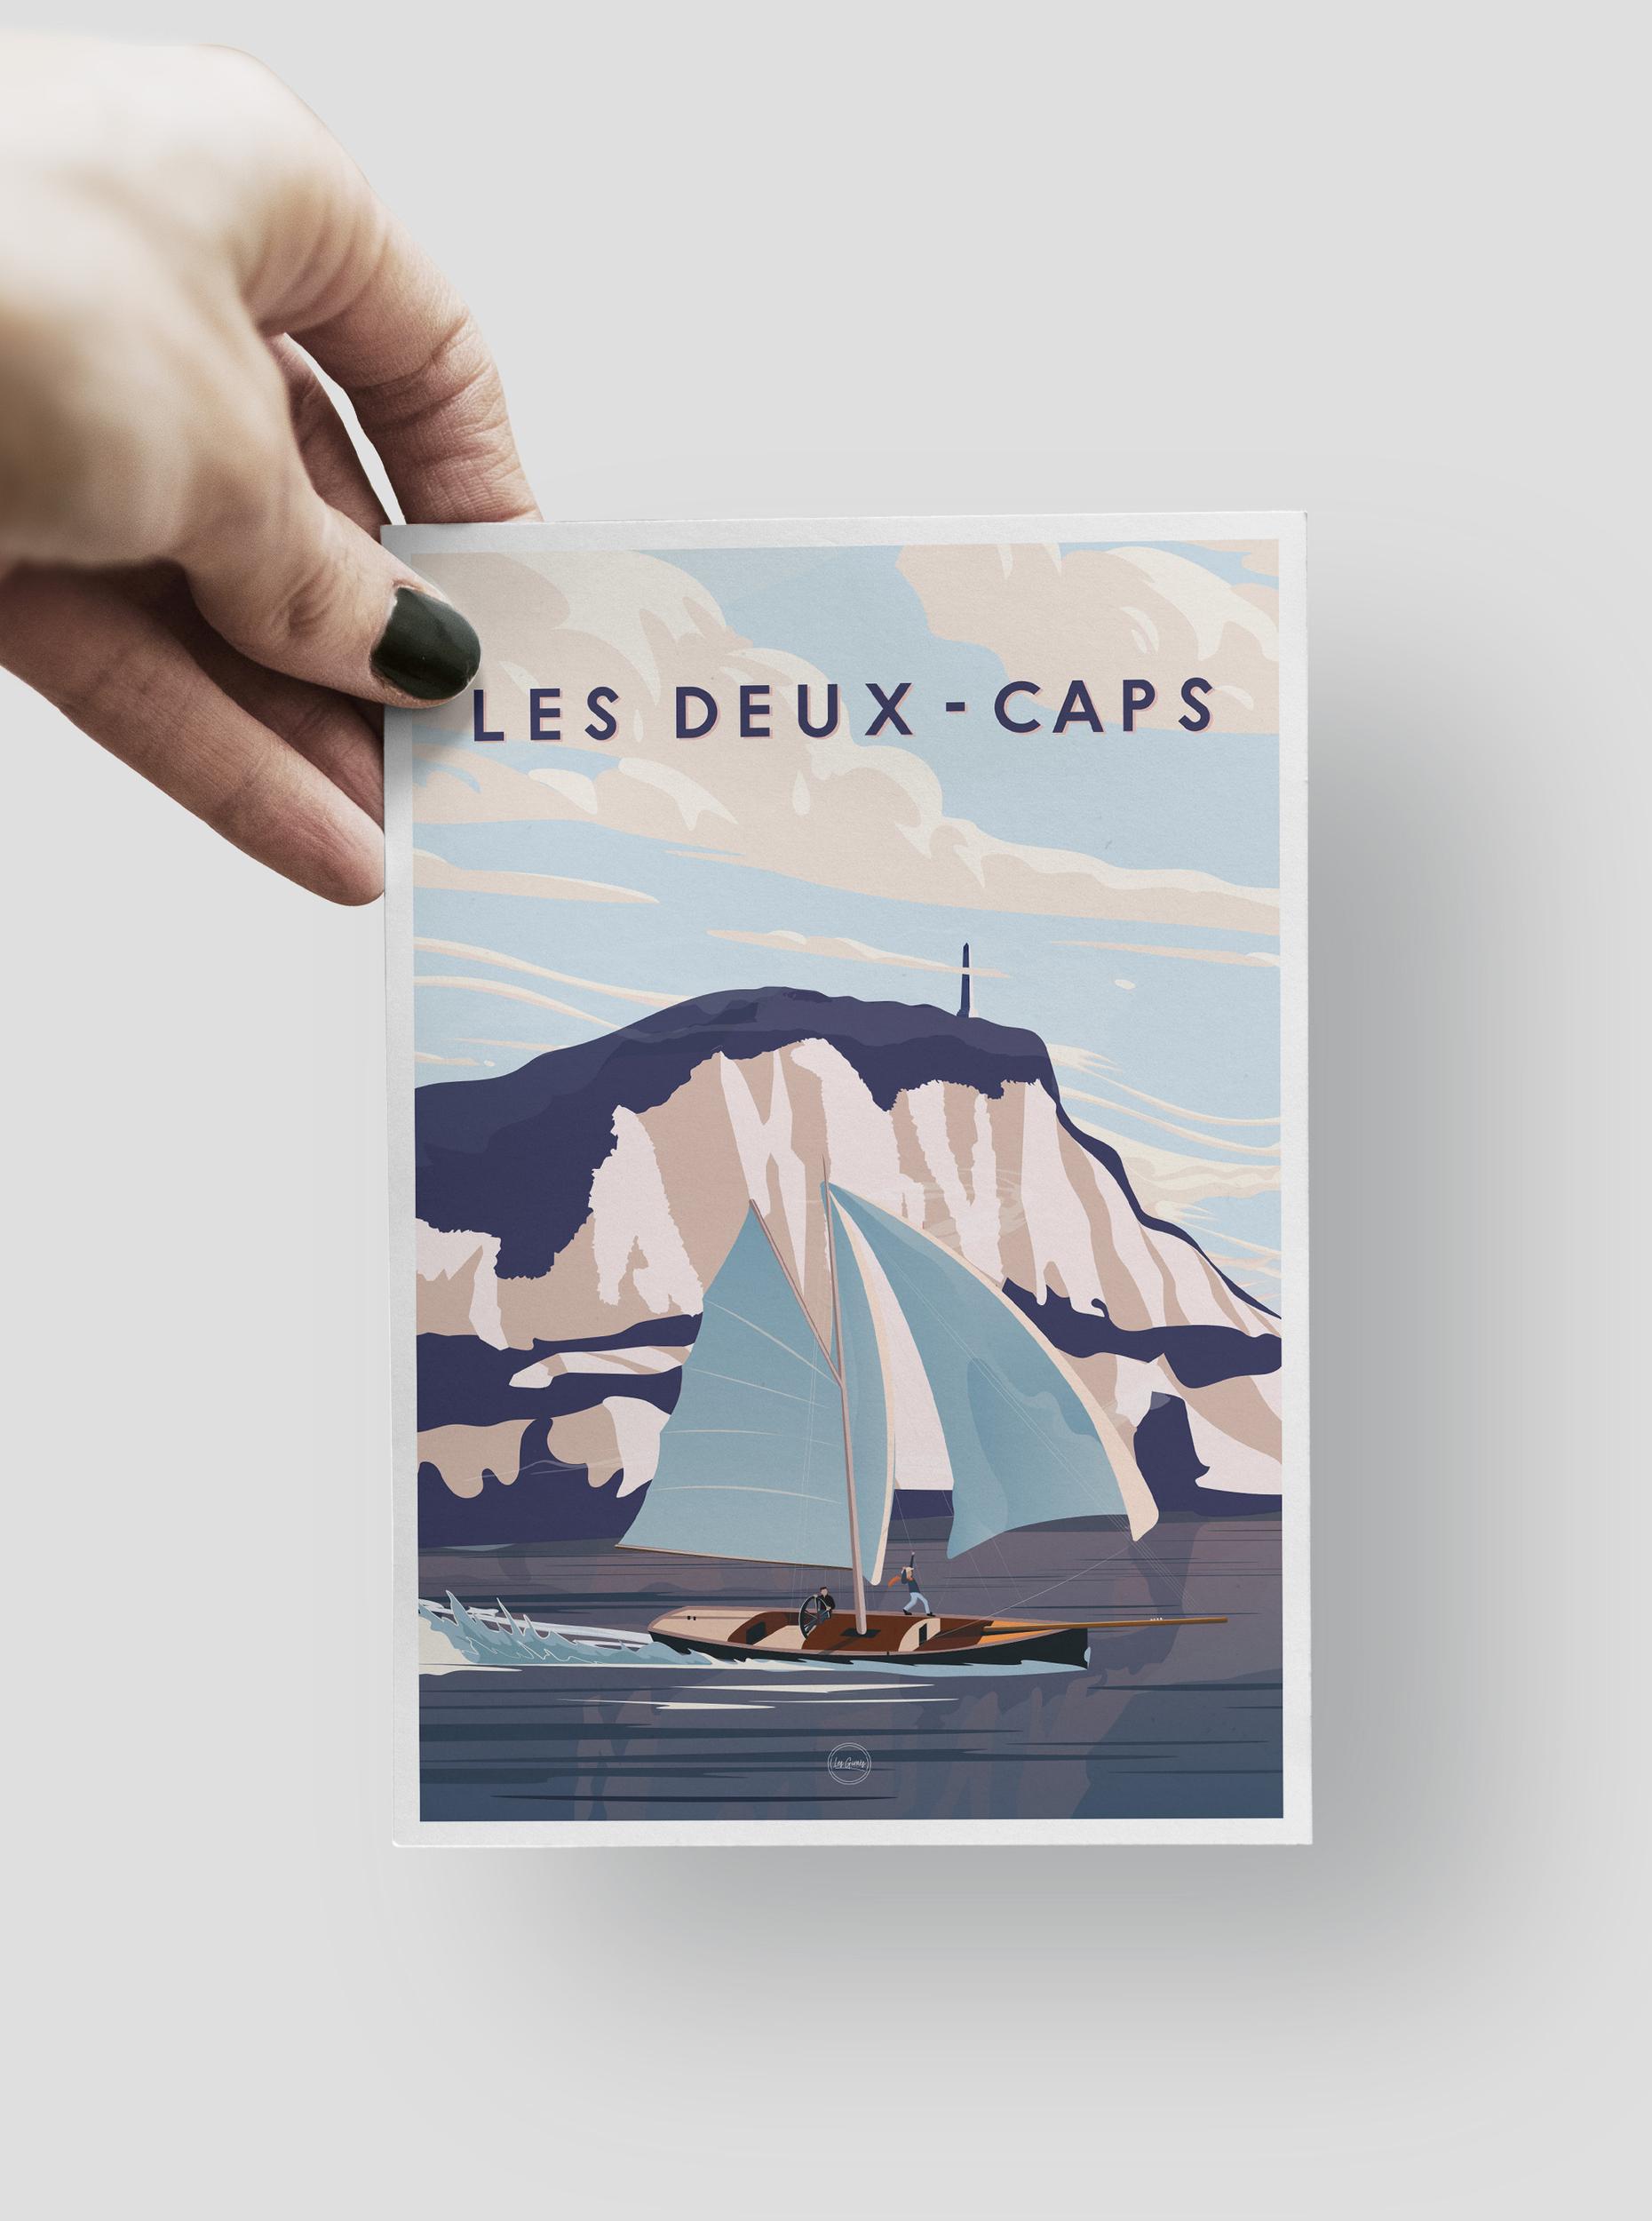 CARTE POSTALE - LES DEUX CAPS